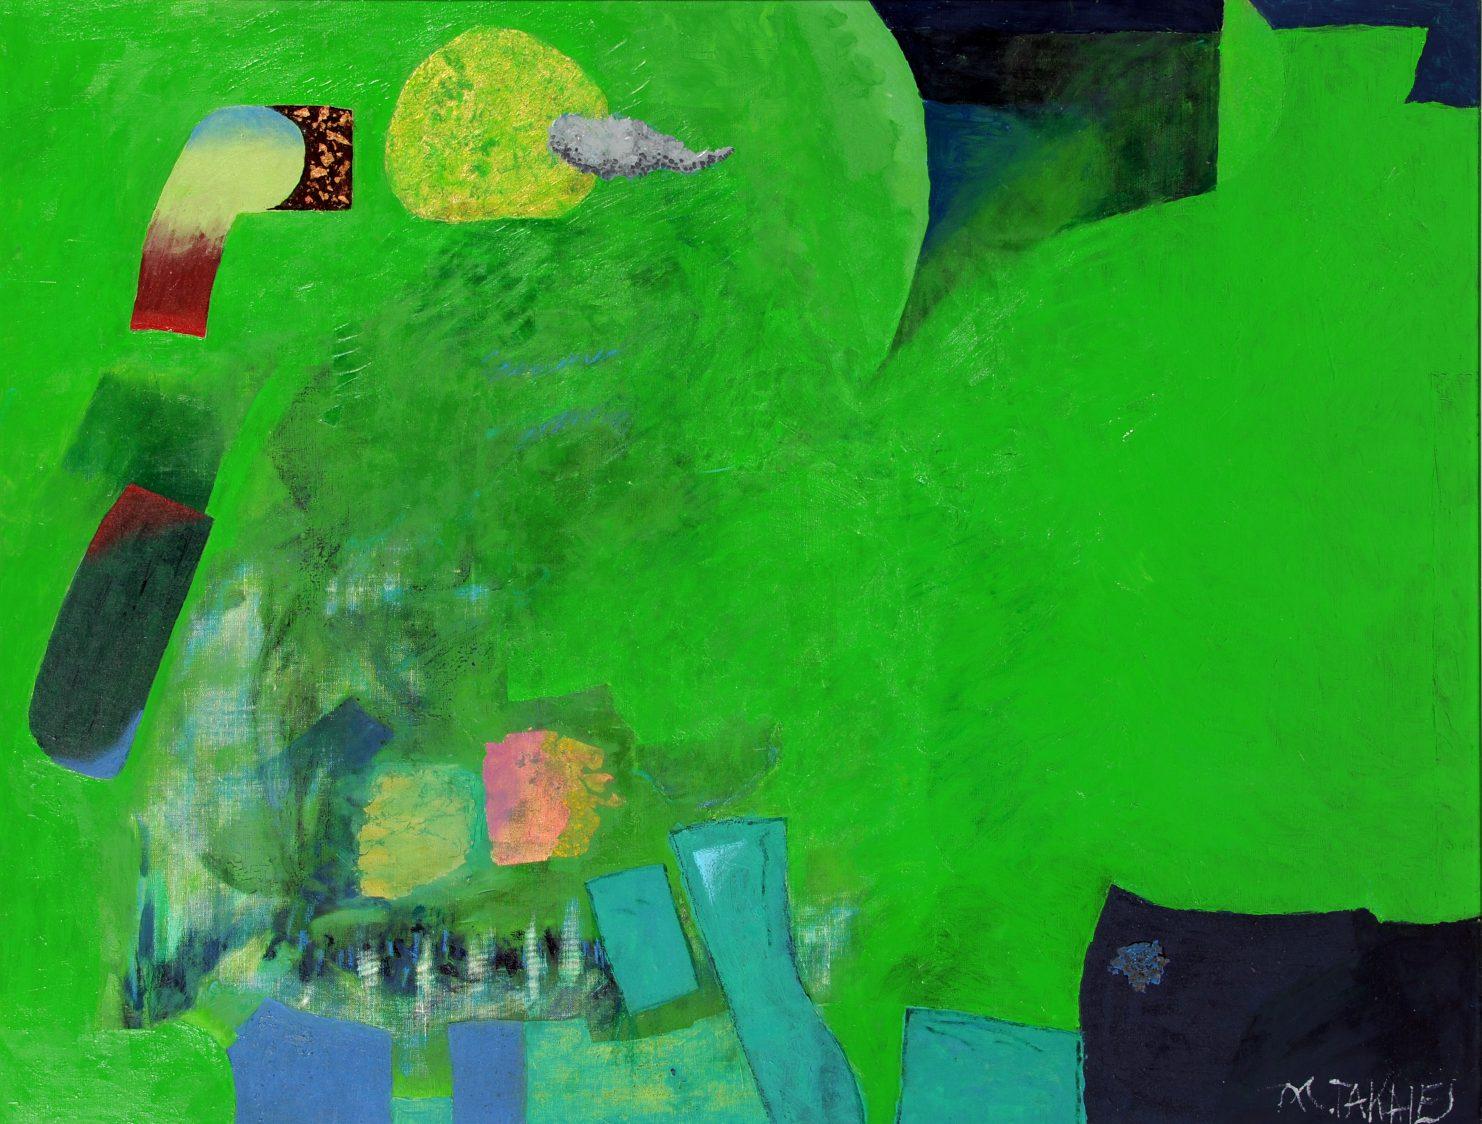 第70回滋賀県美術展覧会(平面の部)特選「'16幻想Ⅲ」